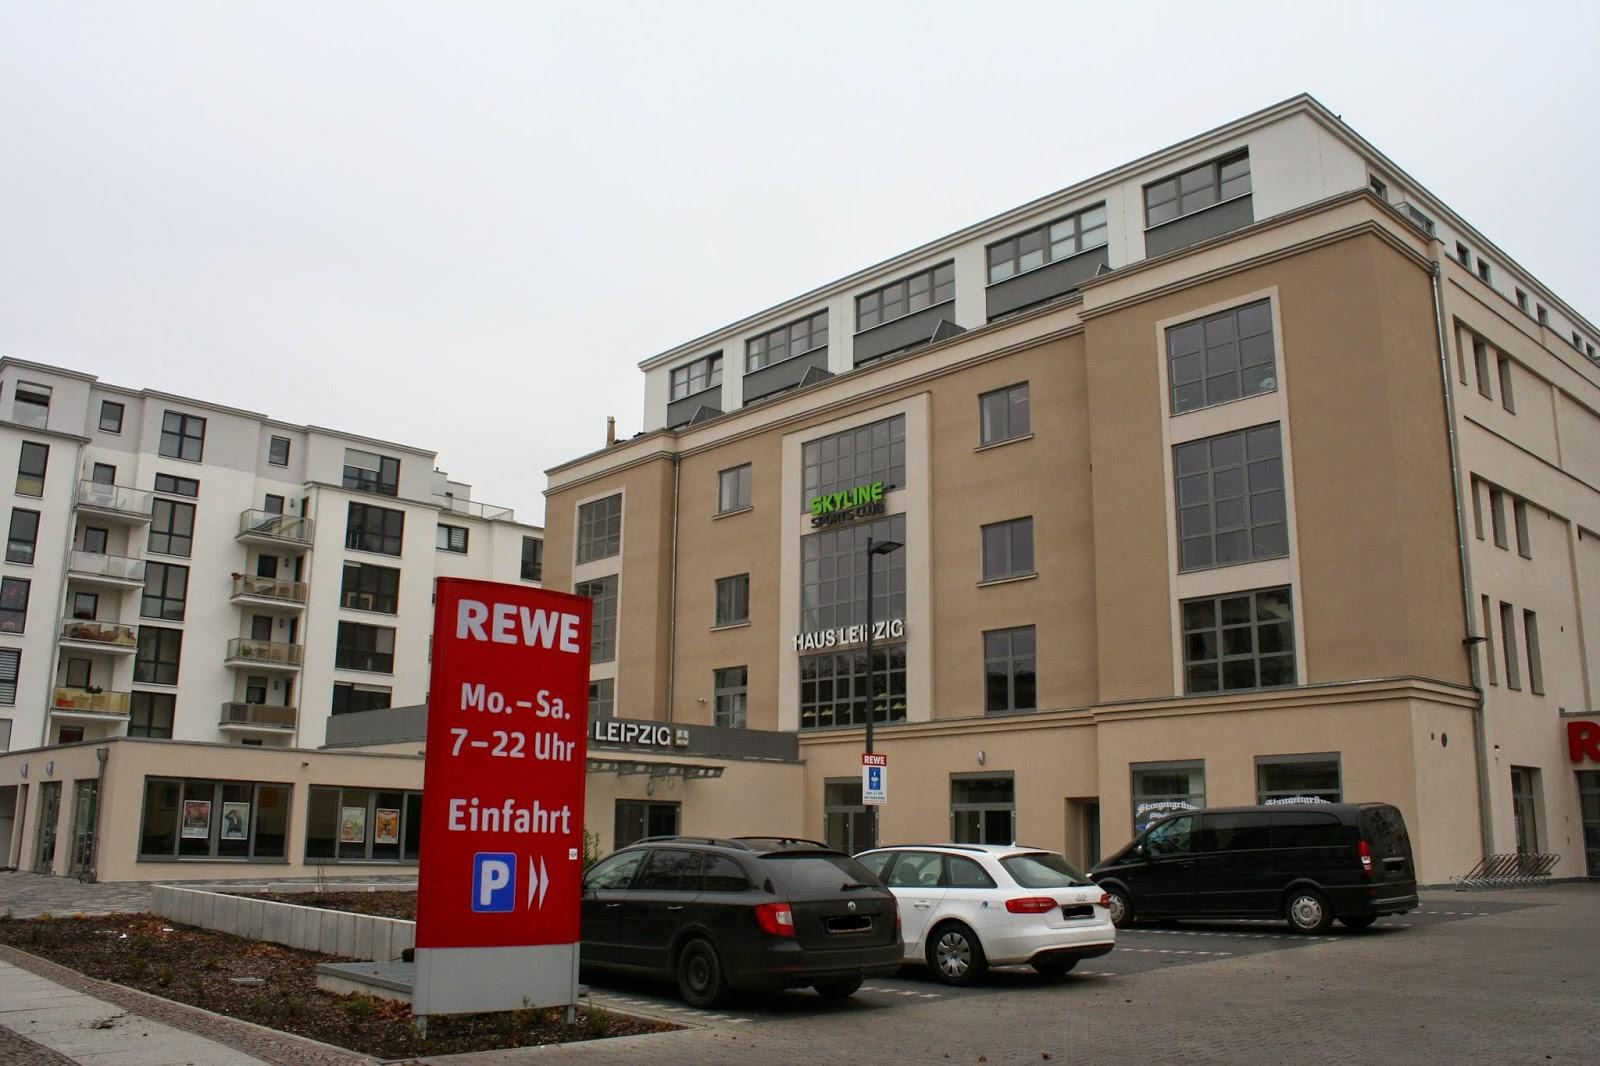 """Das Haus war nach Kriegsende schwer beschädigt und wurde instand gesetzt - mehrfach wurde das Gebäude umbenannt in Namen wie etwa """"Haus Antifa"""" oder auch Zentraler Klub der Jugend """"Artur Becker"""" bis es dann ab dem 1. Januar 1990 wieder """"Haus Leipzig"""" hieß und jetzt nach der kompletten Sanierung wieder in voller Pracht da steht"""